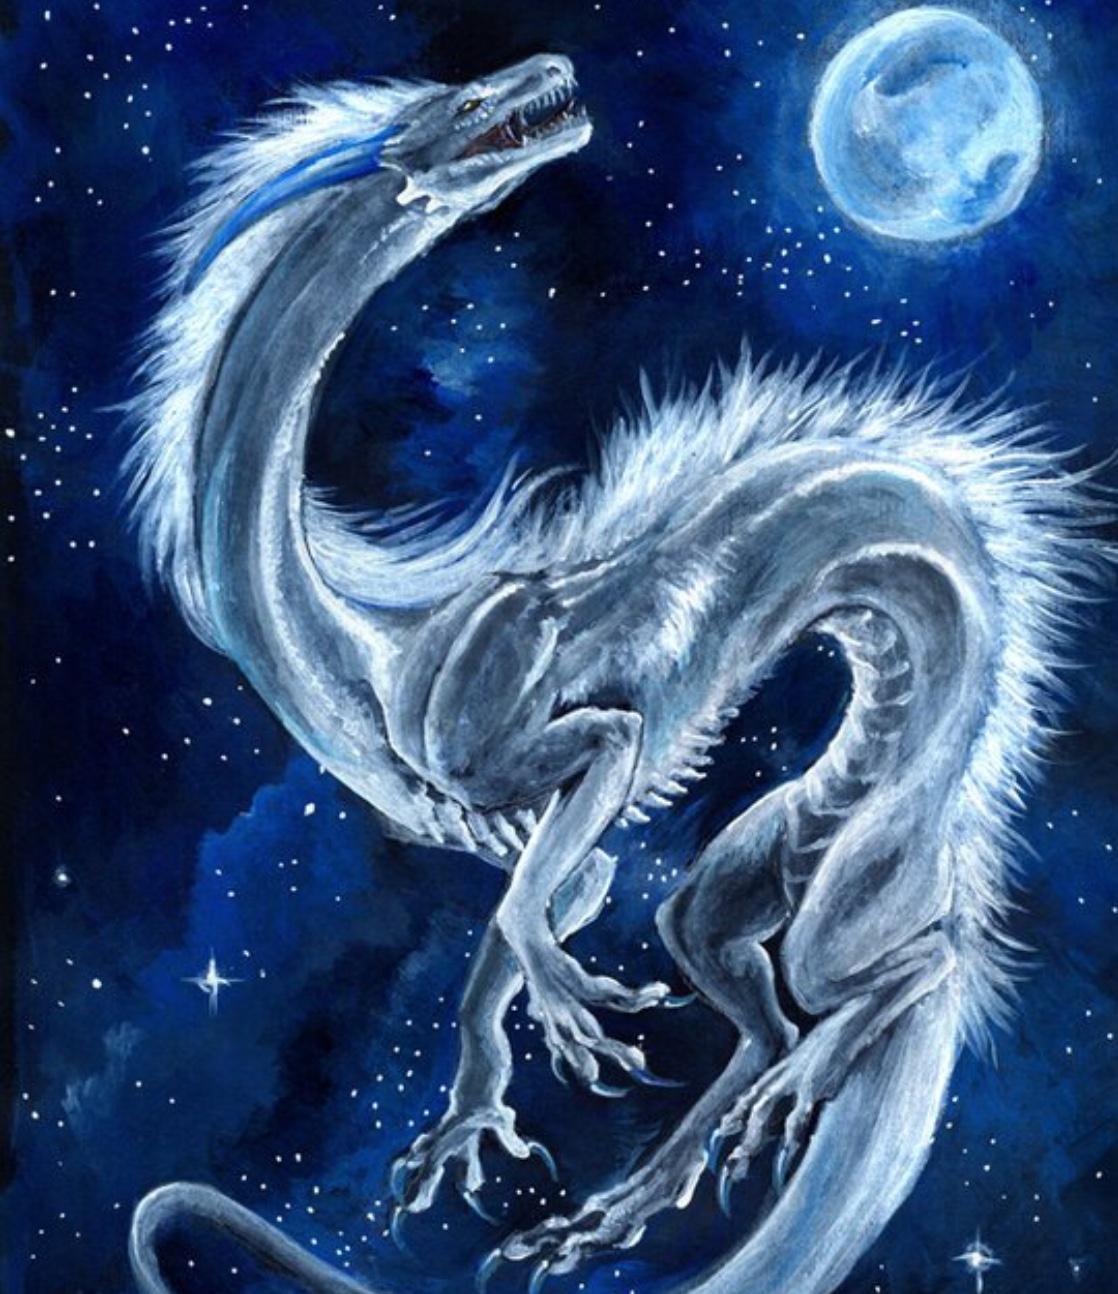 Сказки для взрослых.Девочка и дракон.   1294x1118